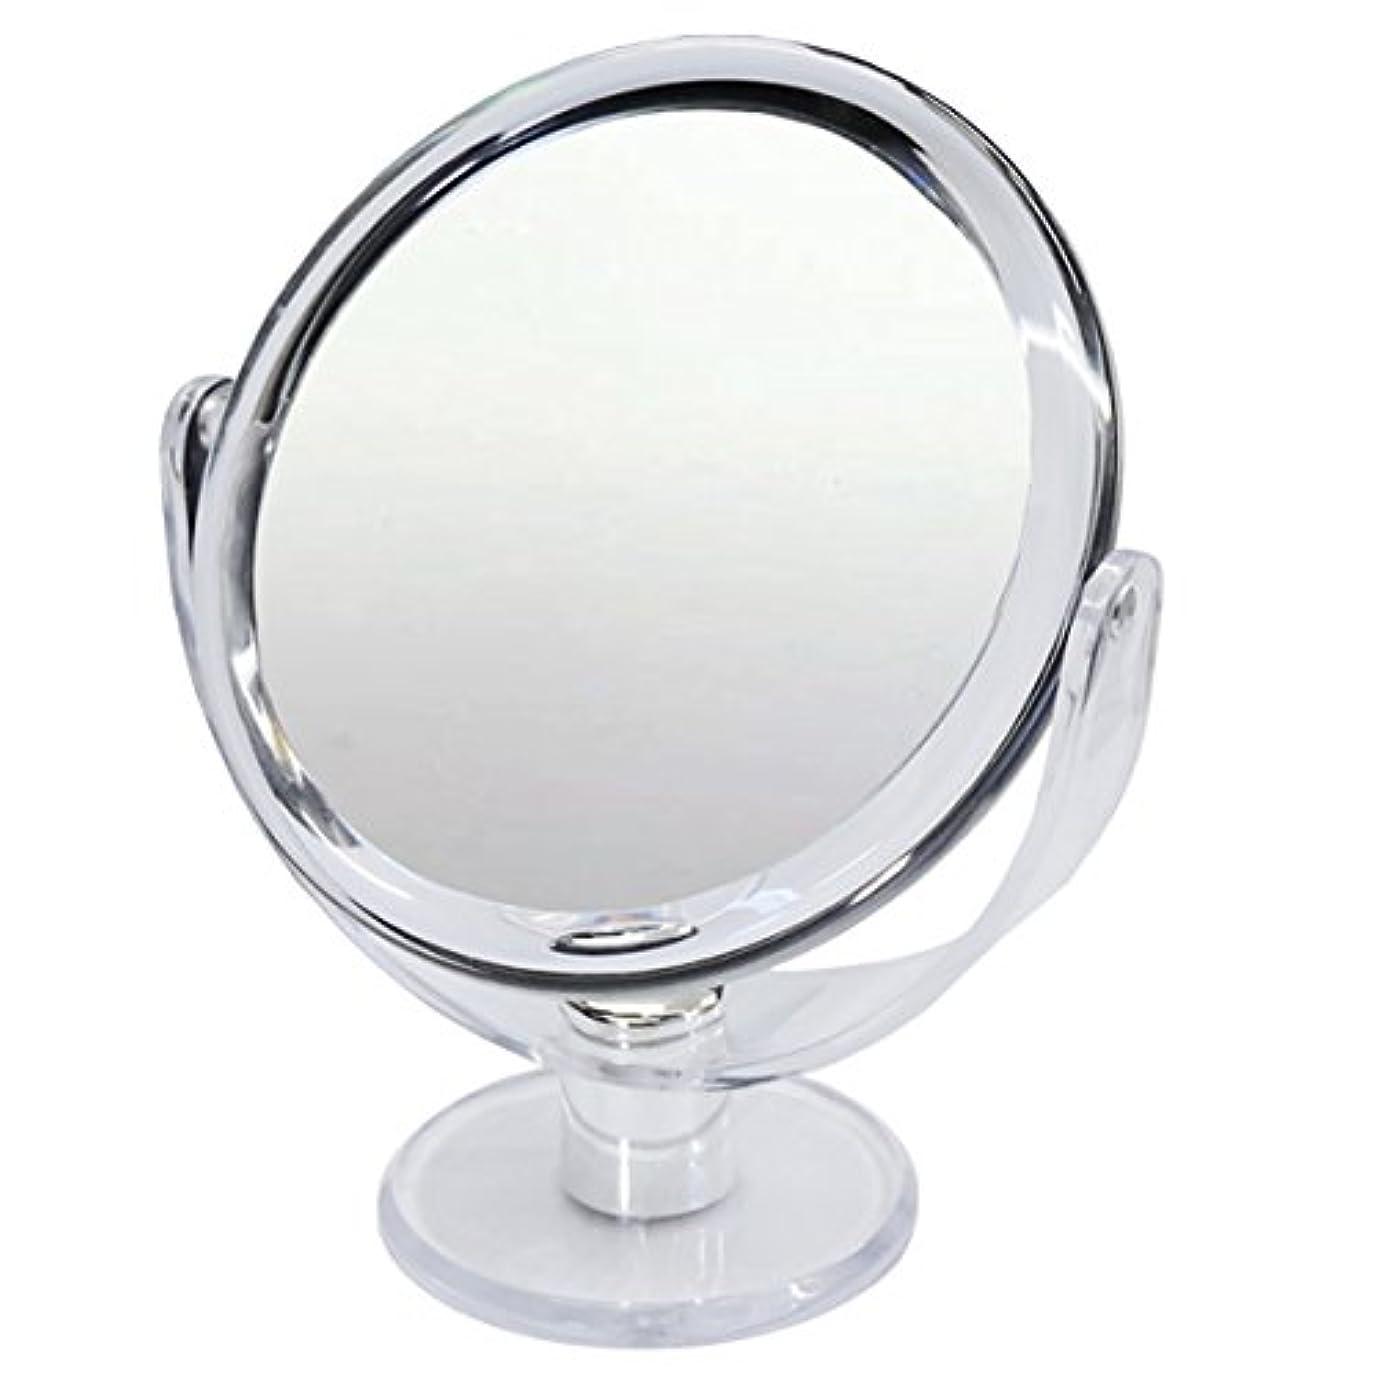 たっぷりデザート凝視10倍 拡大鏡 スタンドミラー 等倍鏡と10倍鏡の両面鏡